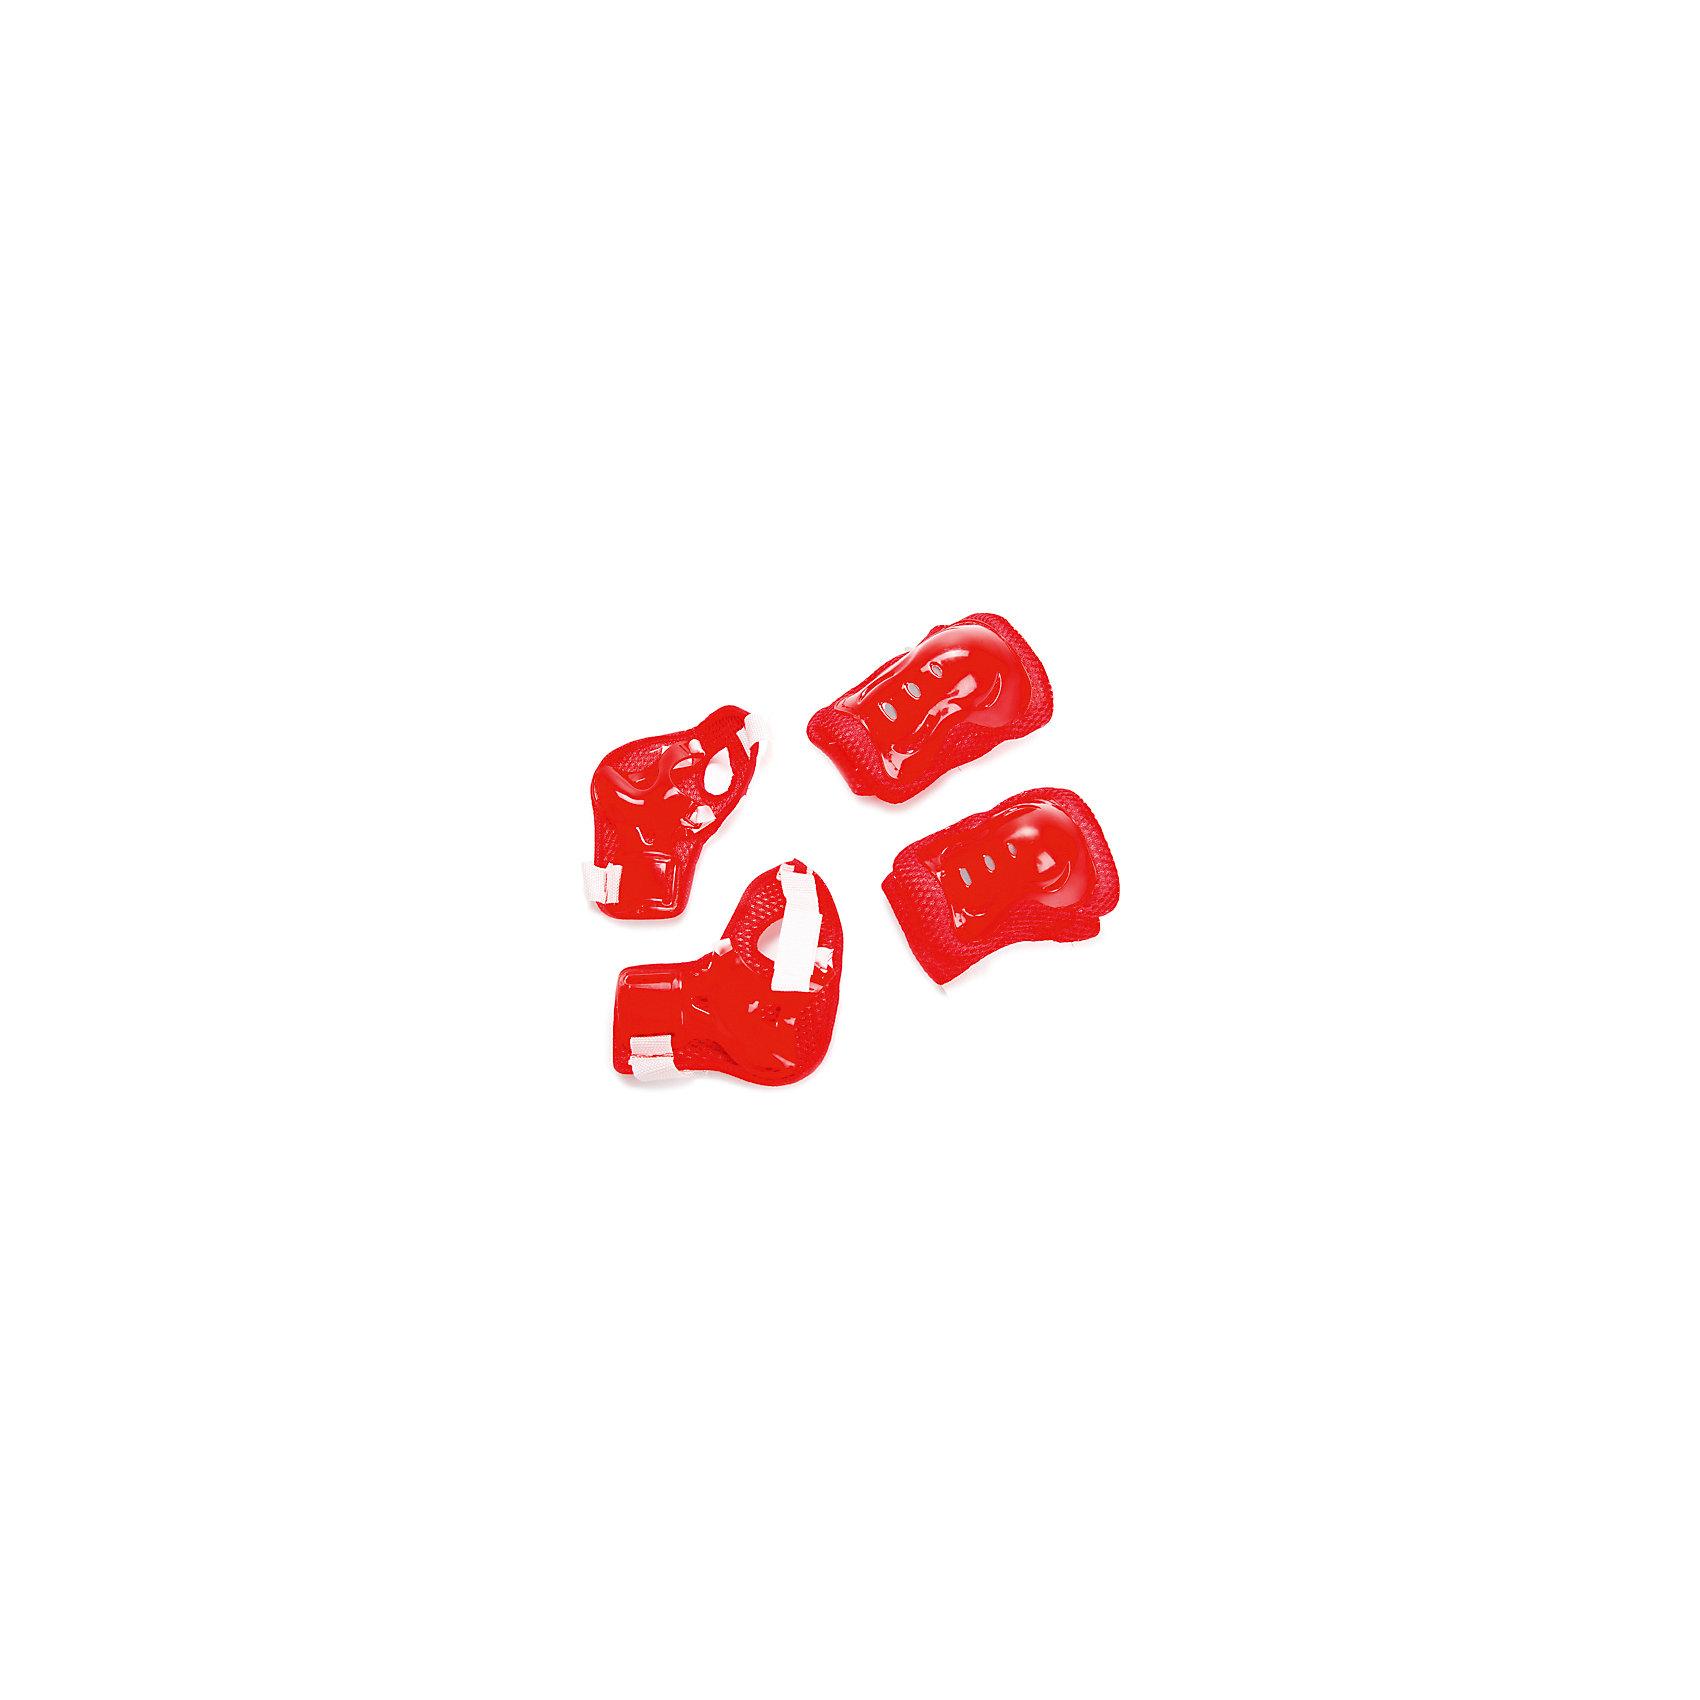 Комплект защиты для колен, локтей, запястий, Маша и Медведь NEXT